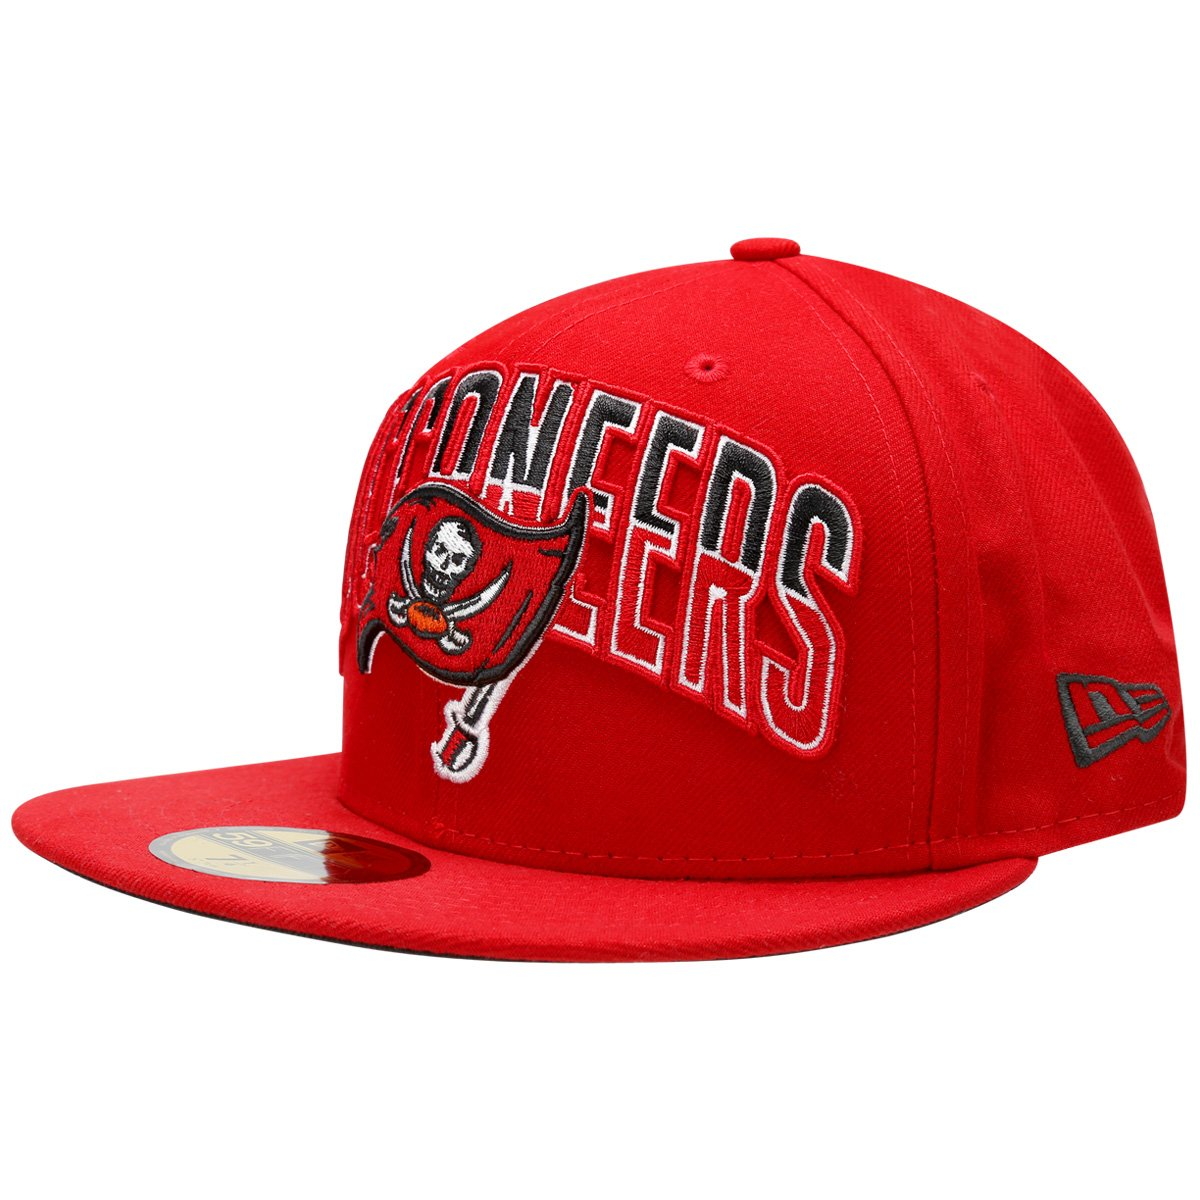 700b844a77459 Boné New Era 5950 NFL Draft Tampa Bay Buccaneers Team Color - Vermelho -  Compre Agora